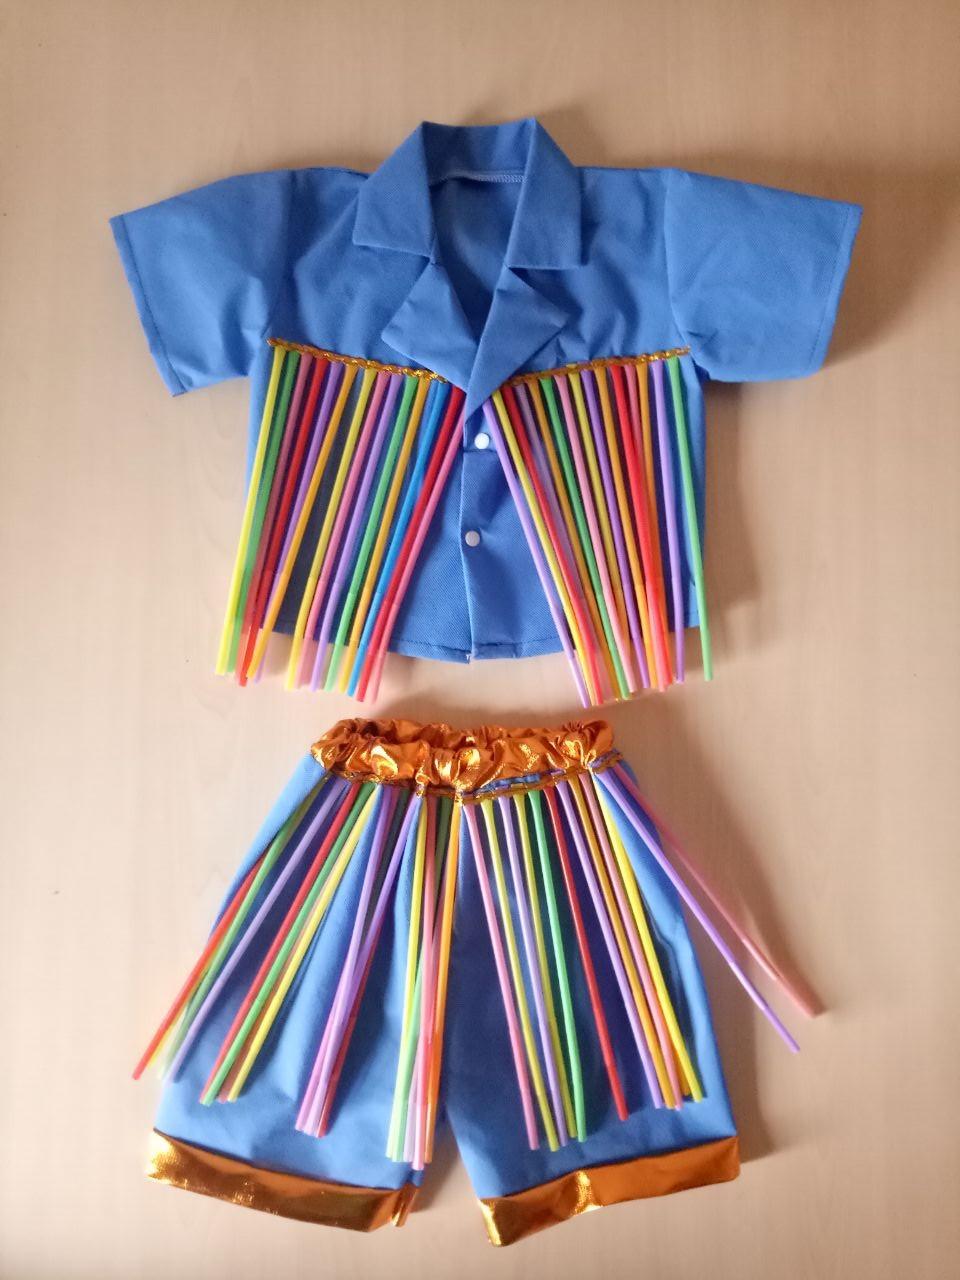 手工制作服装 幼儿园手工制作服装 手工制作环保服装